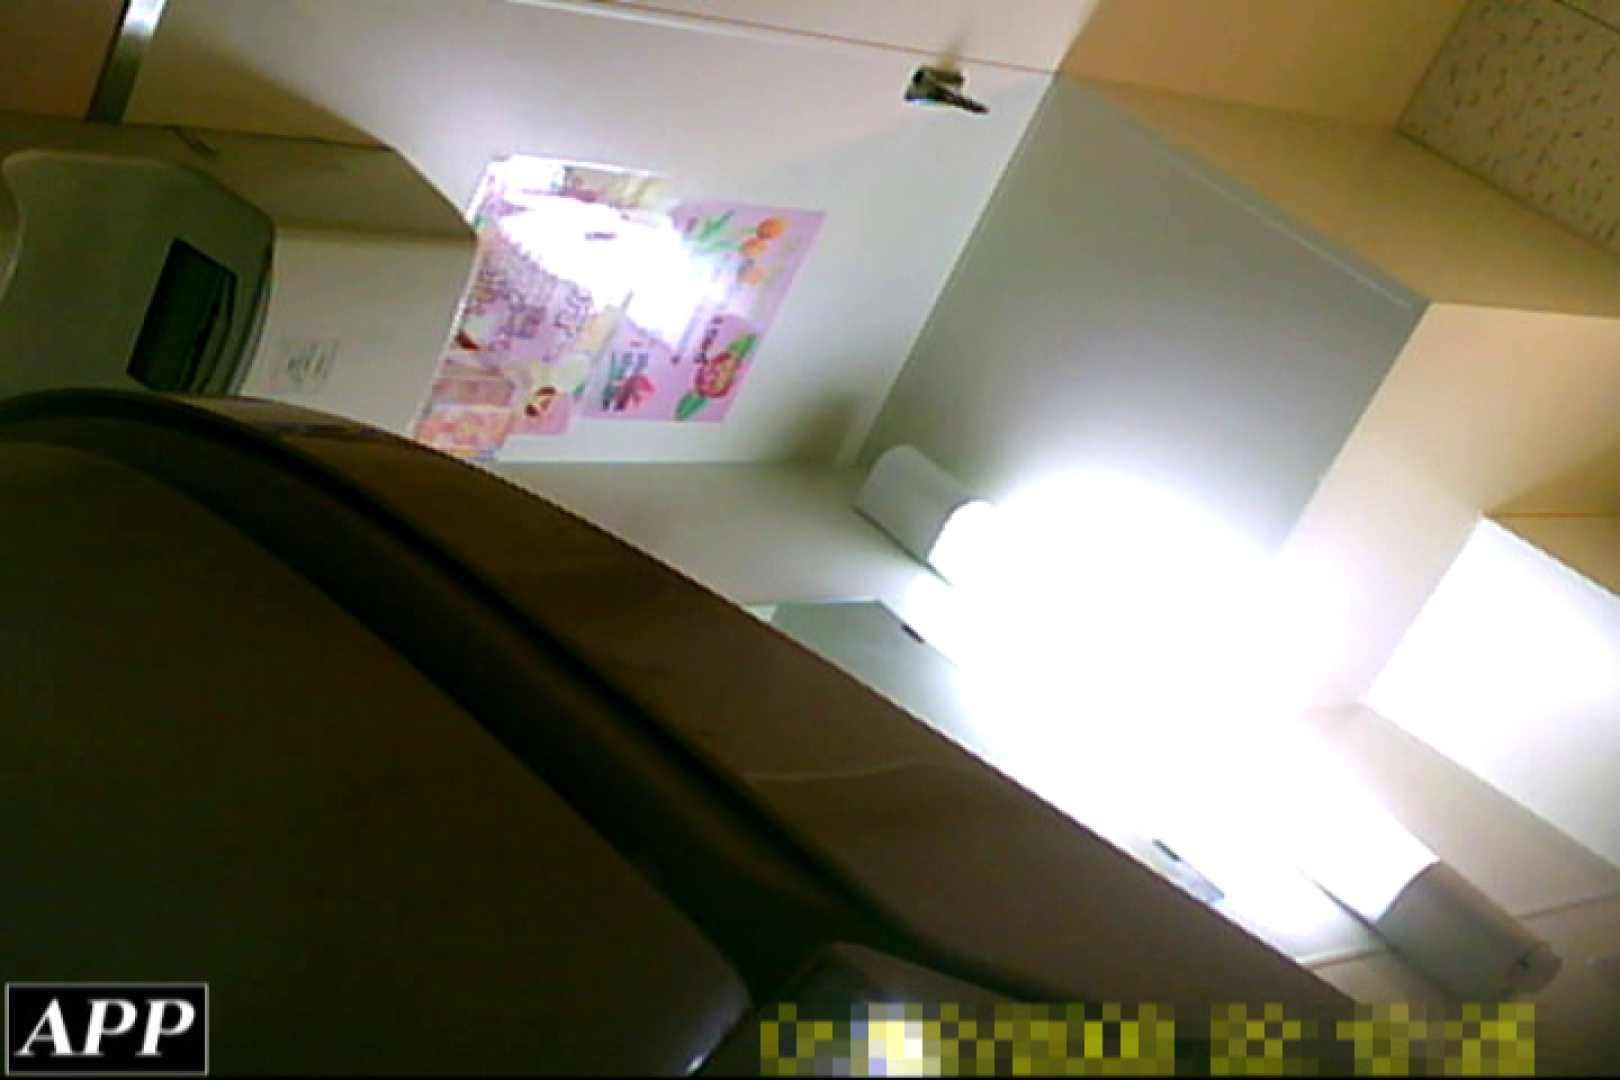 3視点洗面所 vol.112 オマンコ大好き おまんこ動画流出 68画像 68